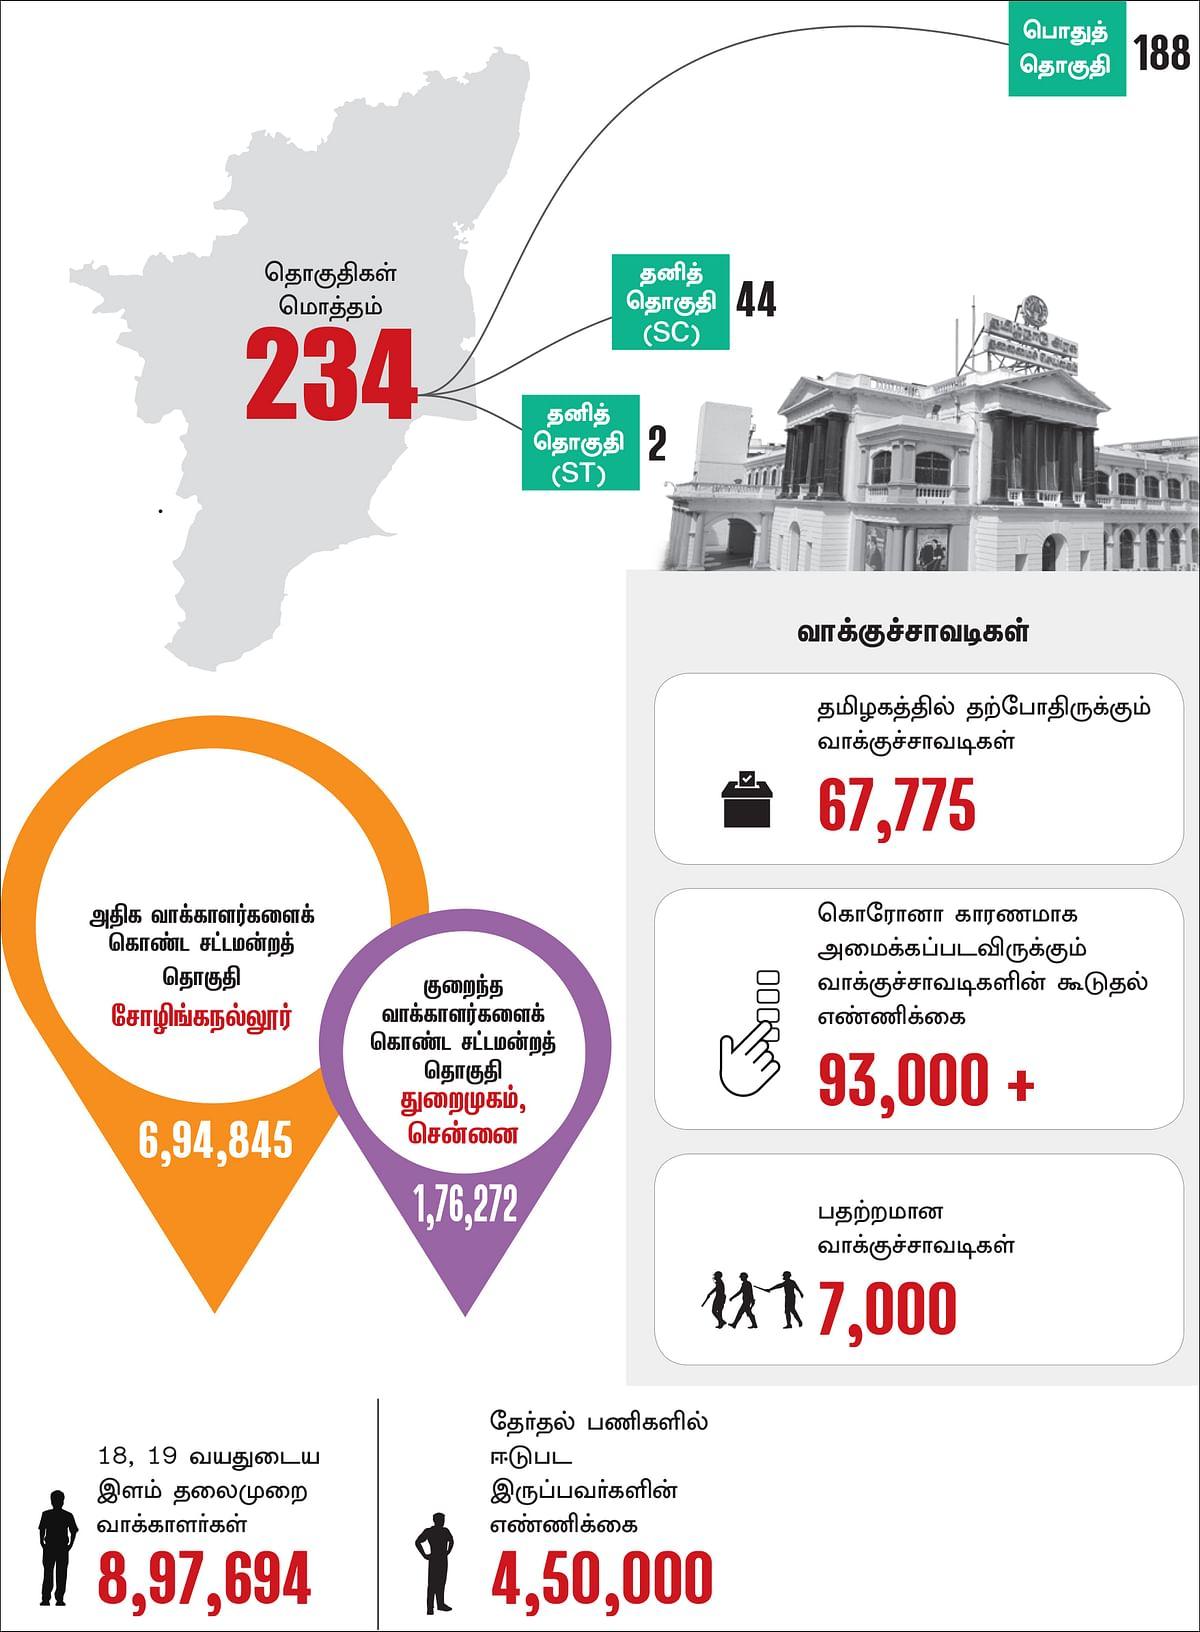 தமிழக தேர்தல் டேட்டா